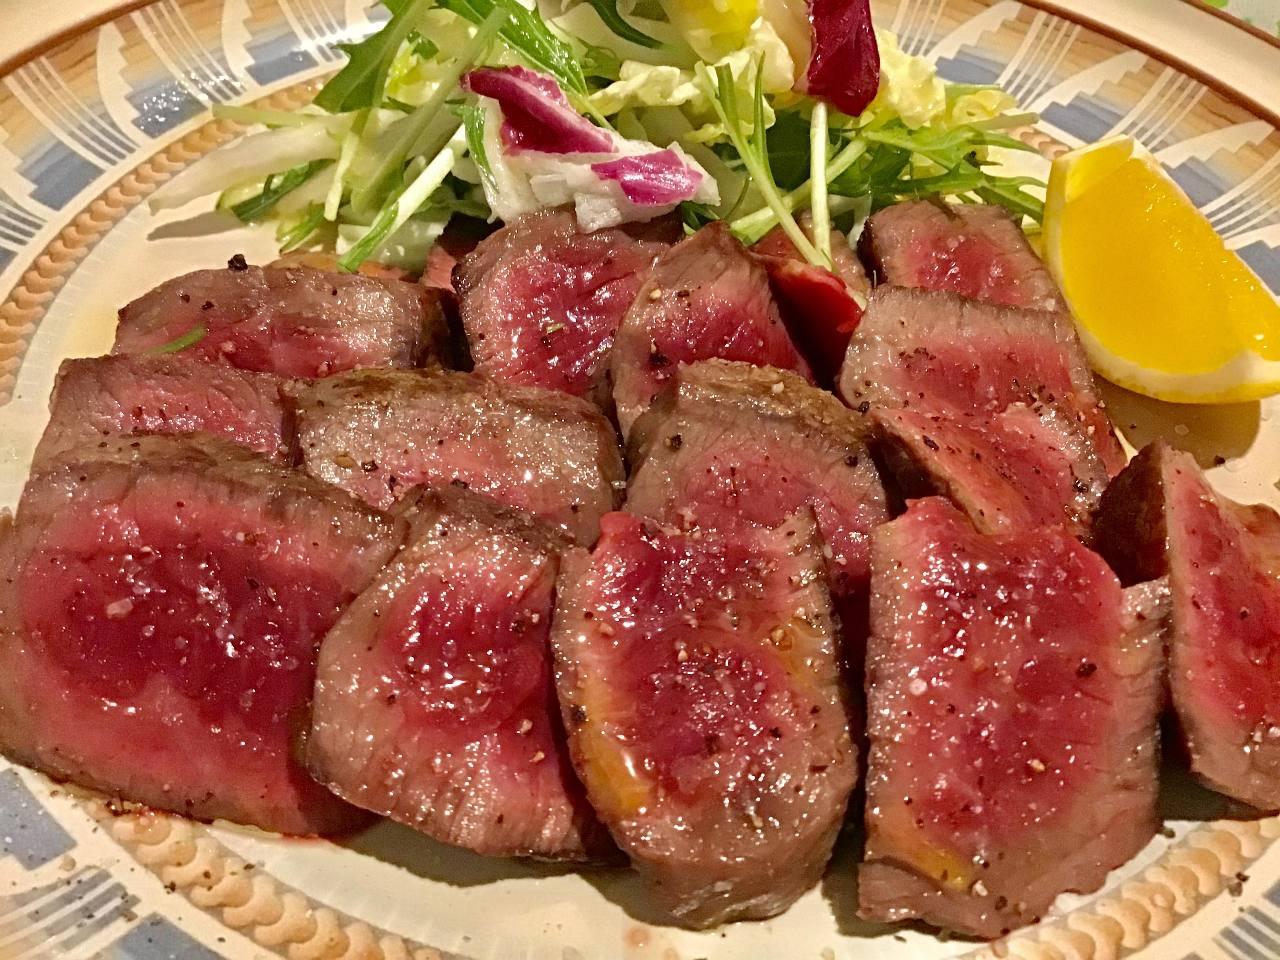 【お料理のみ】国産牛ステーキ(80g)やパスタなど全3品/リーズナブル!あまり食べられない飲み会に◎